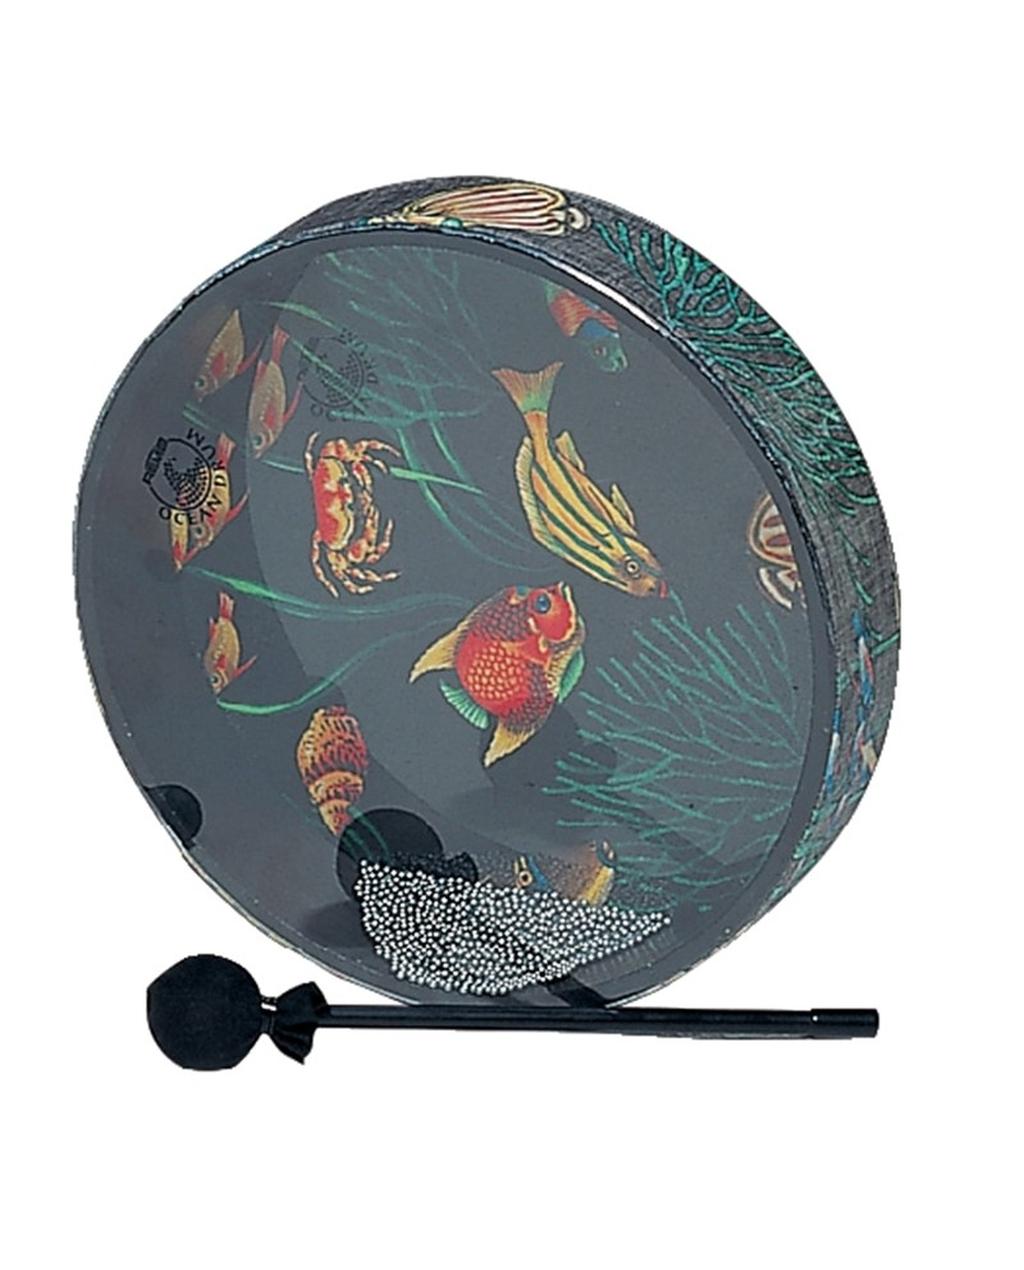 Ocean Drum - Diameter 41 x Depth 6cm